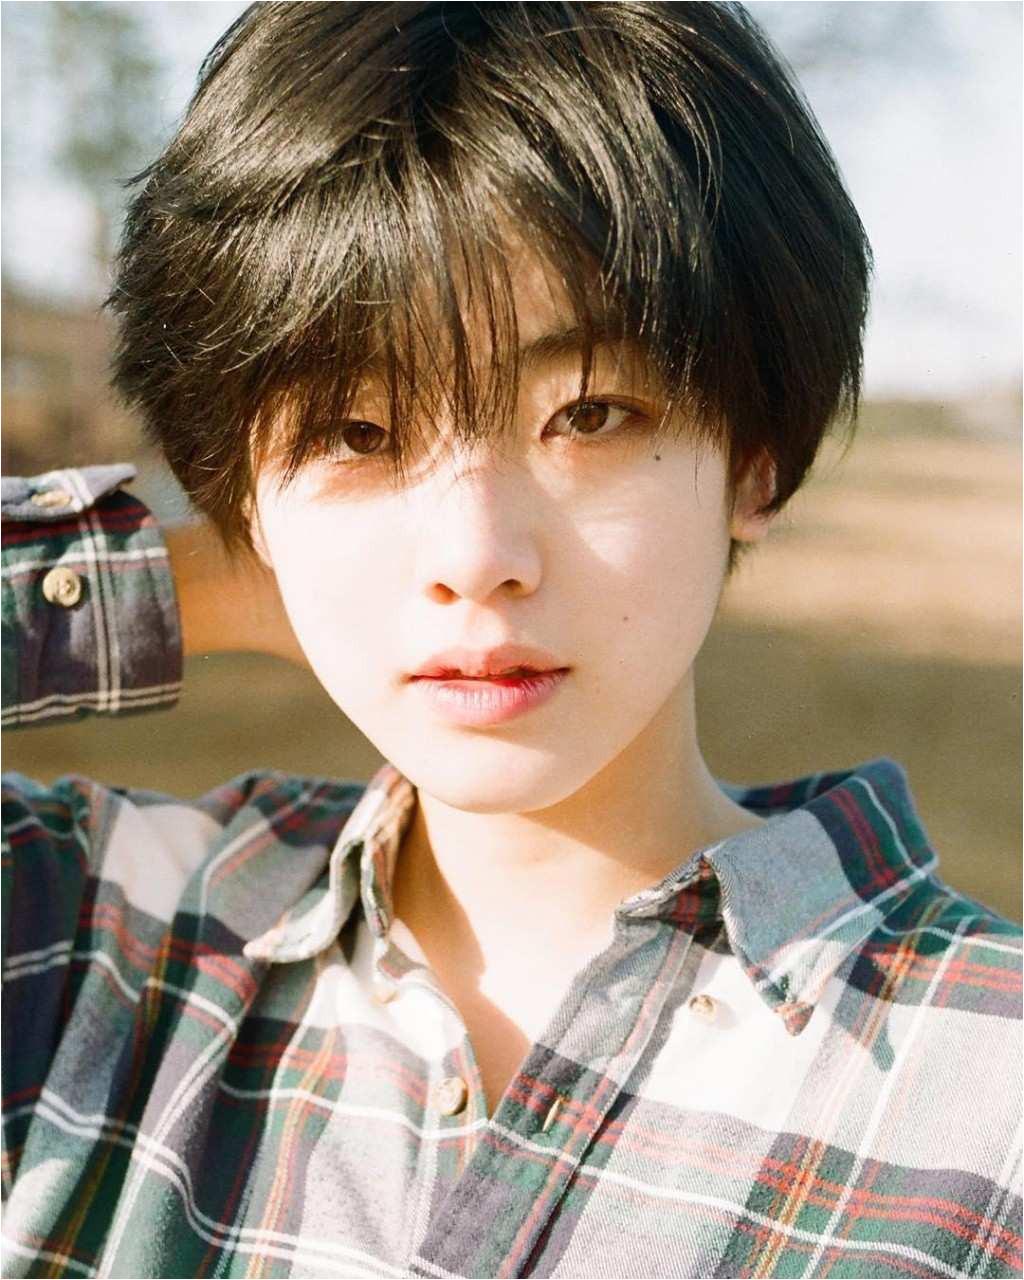 Asian Hair Tutorial Lovely 70 asian Girl Hairstyles Lovely tomboy Haircut 0d tomboy Haircuts